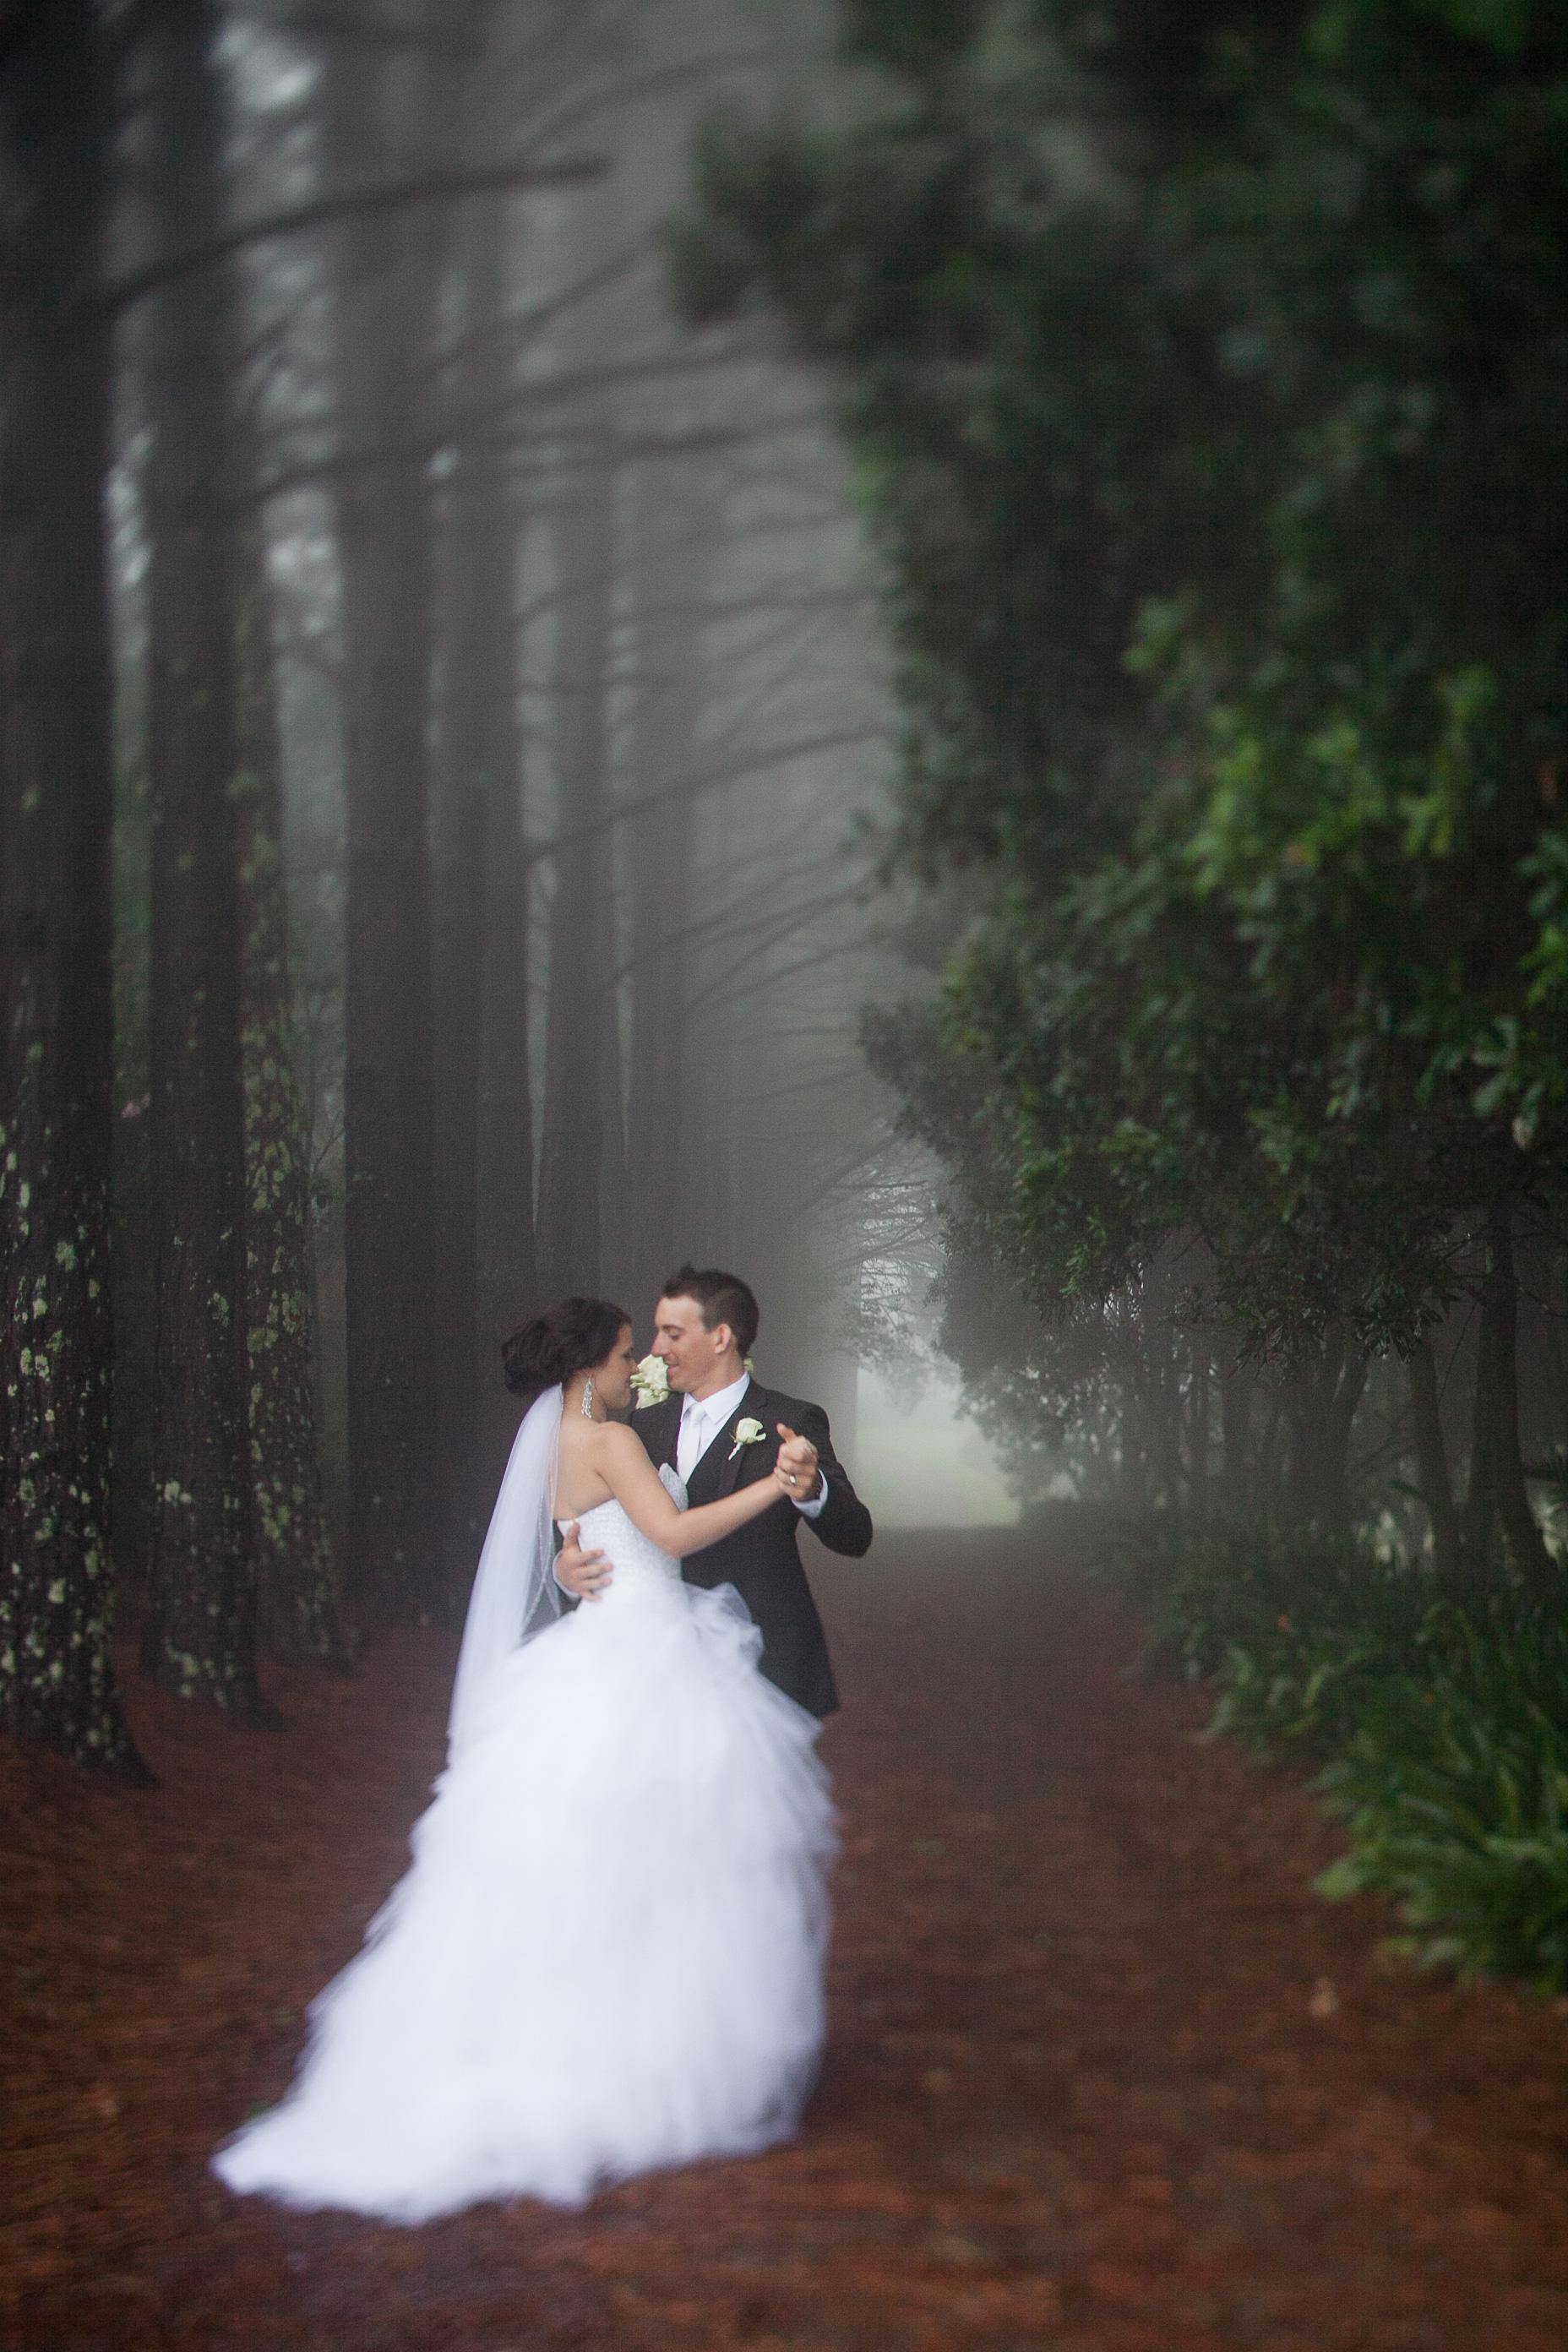 Emma-Leigh_Nicholas_Fairytale-Wedding_028